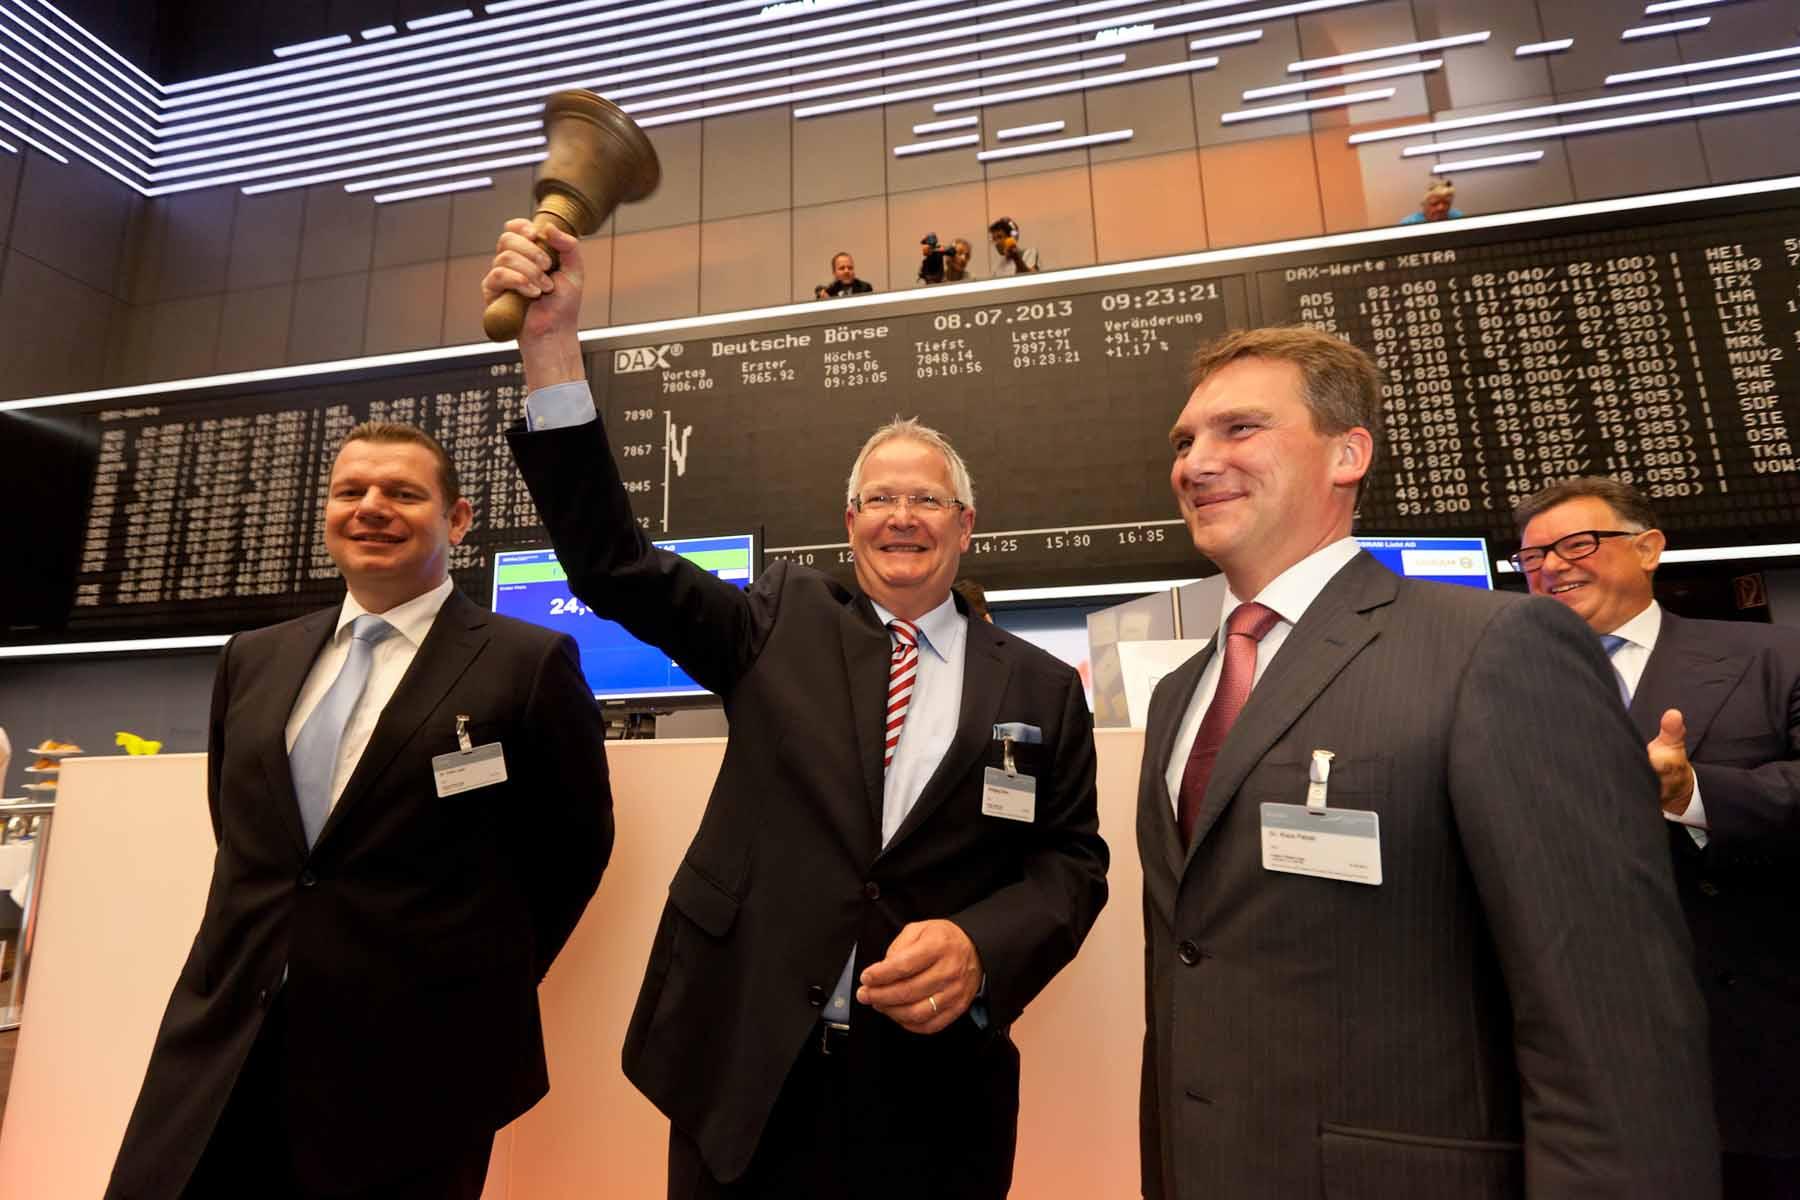 Osram-Chef Wolfgang Dehen läutet am 8. Juli 2013 den Börsgang des Lichttechnik-Konzerns ein. Inzwischen ist das Unternehmen zurück in den schwarzen Zahlen.